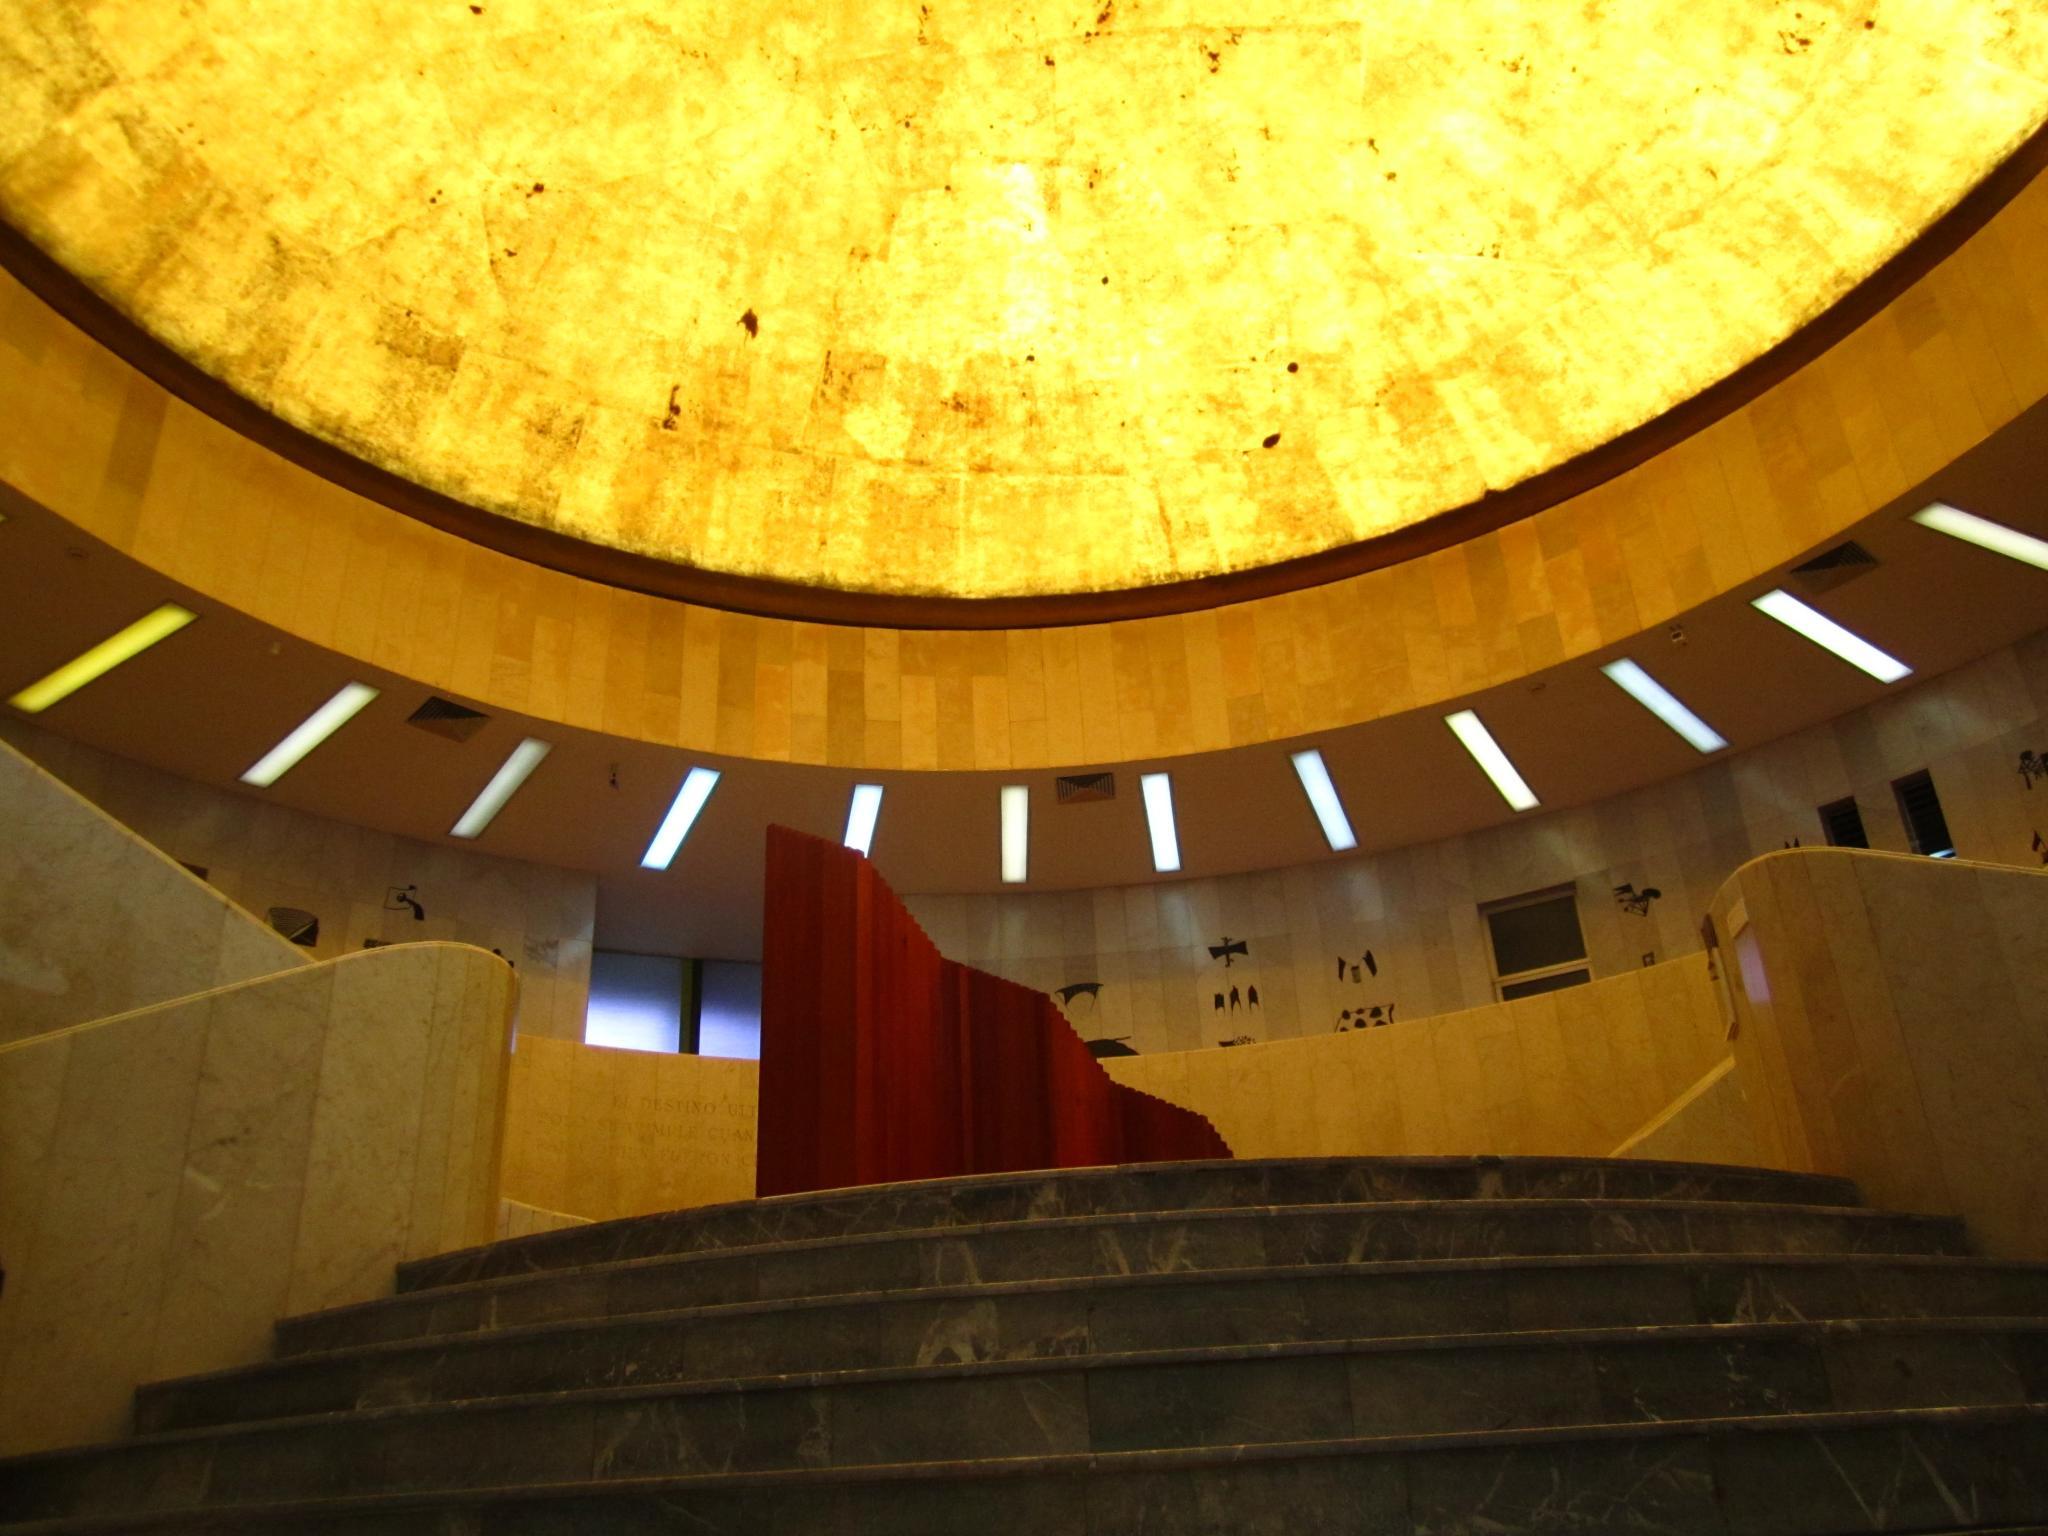 Museo de Arte Moderno | © Christian Ramiro González Verón/Flickr